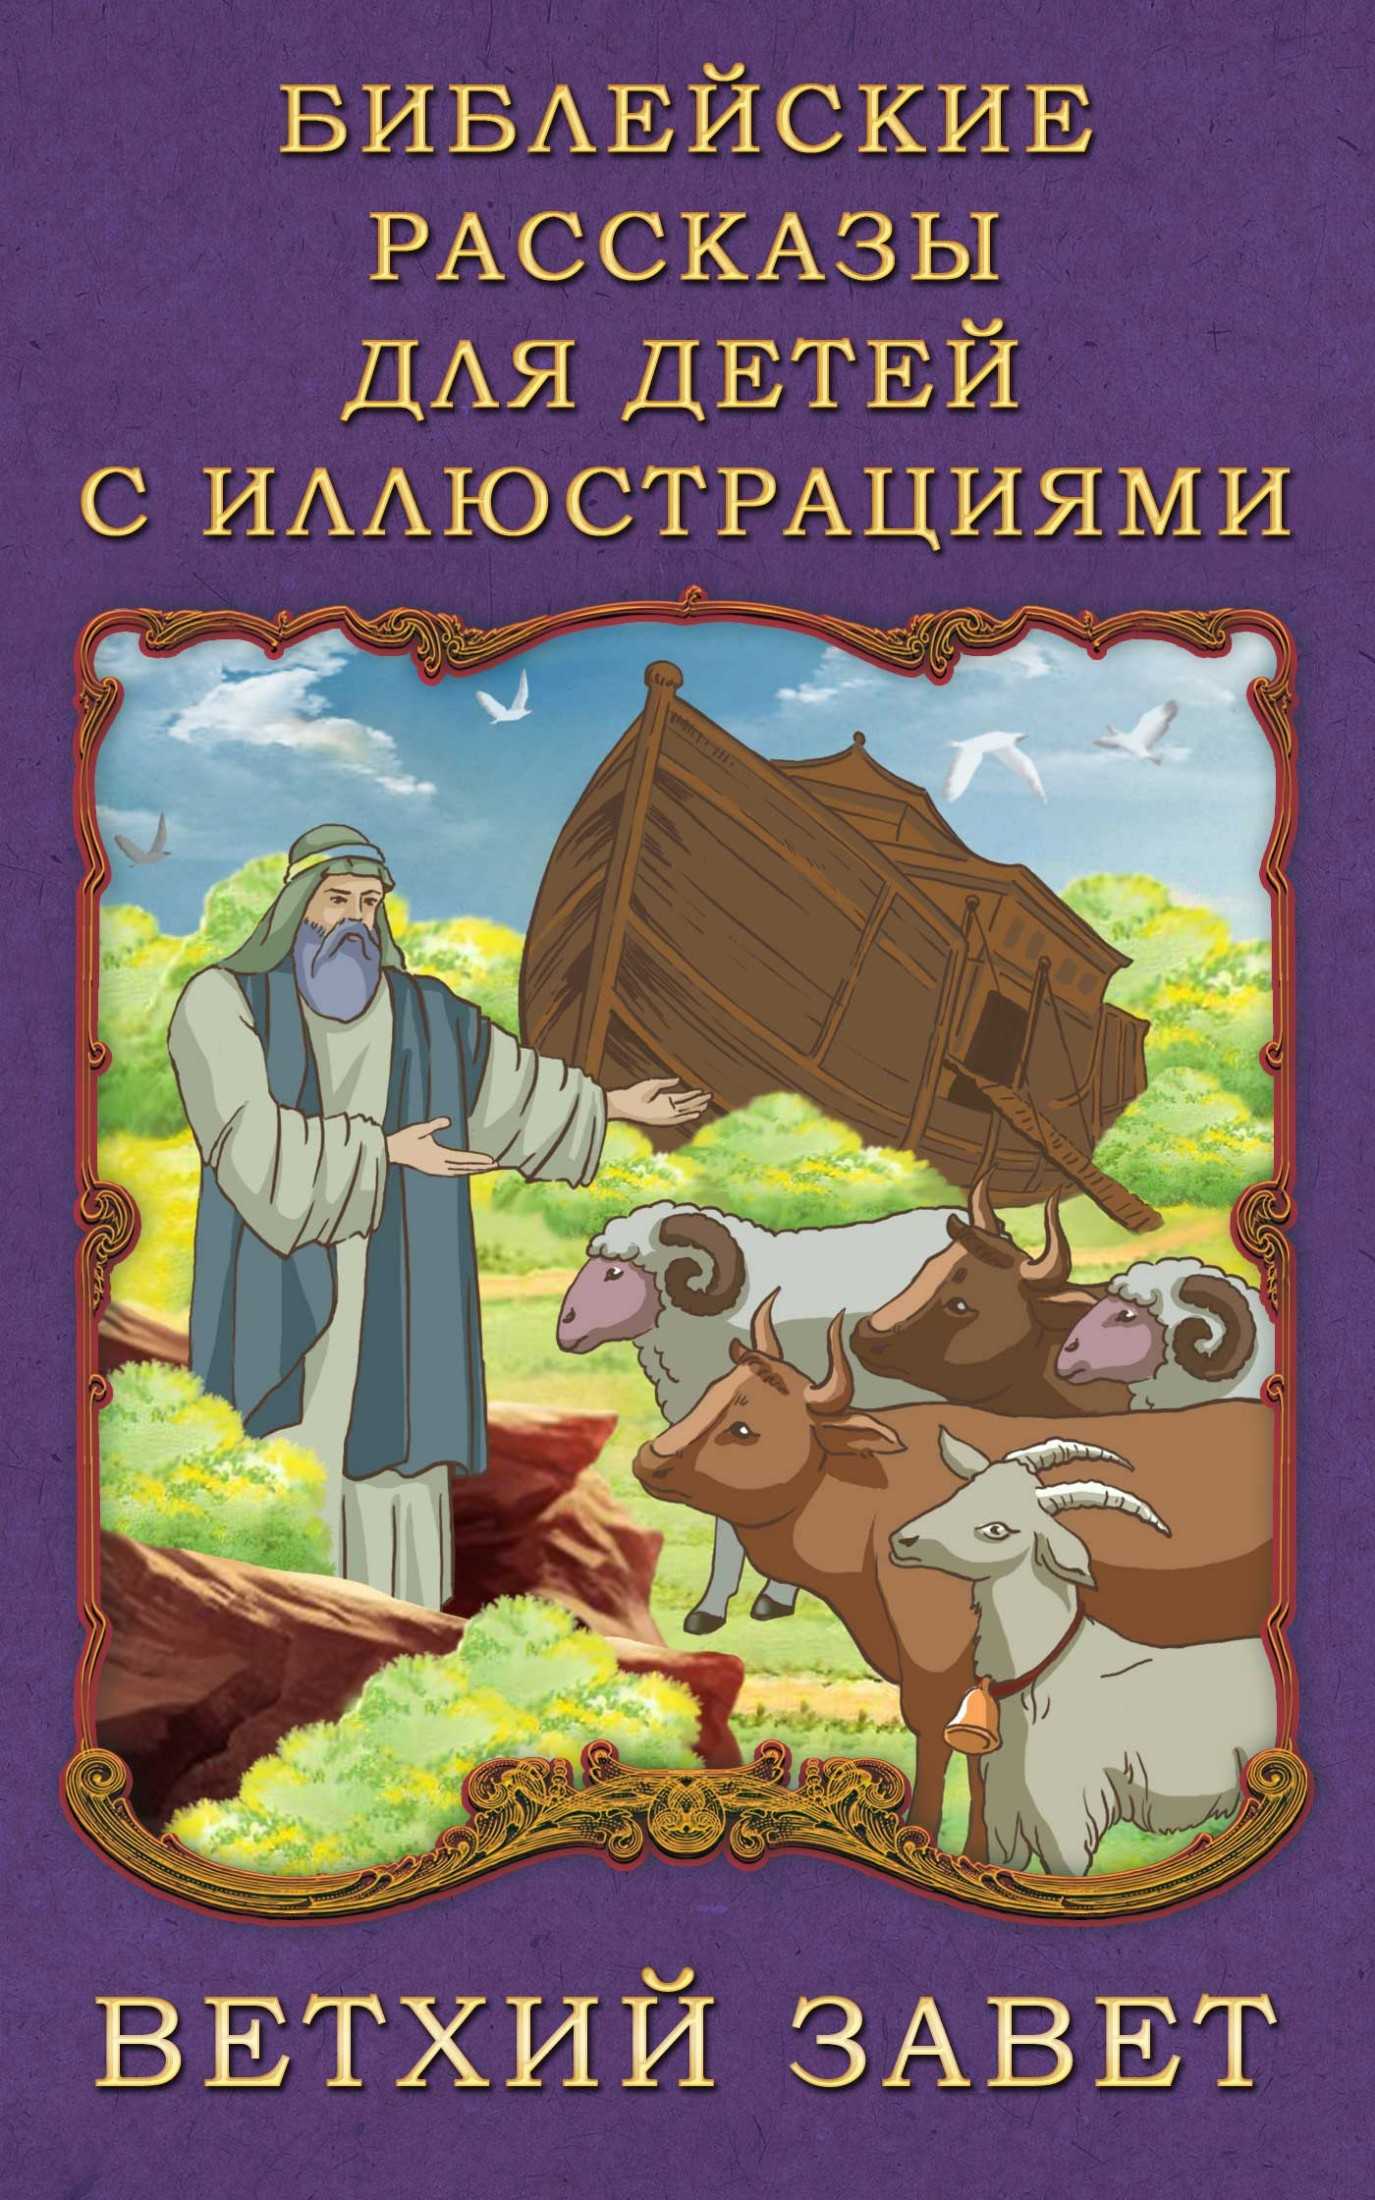 Павло Воздвиженський Библейские рассказы для детей с иллюстрациями. Ветхий Завет